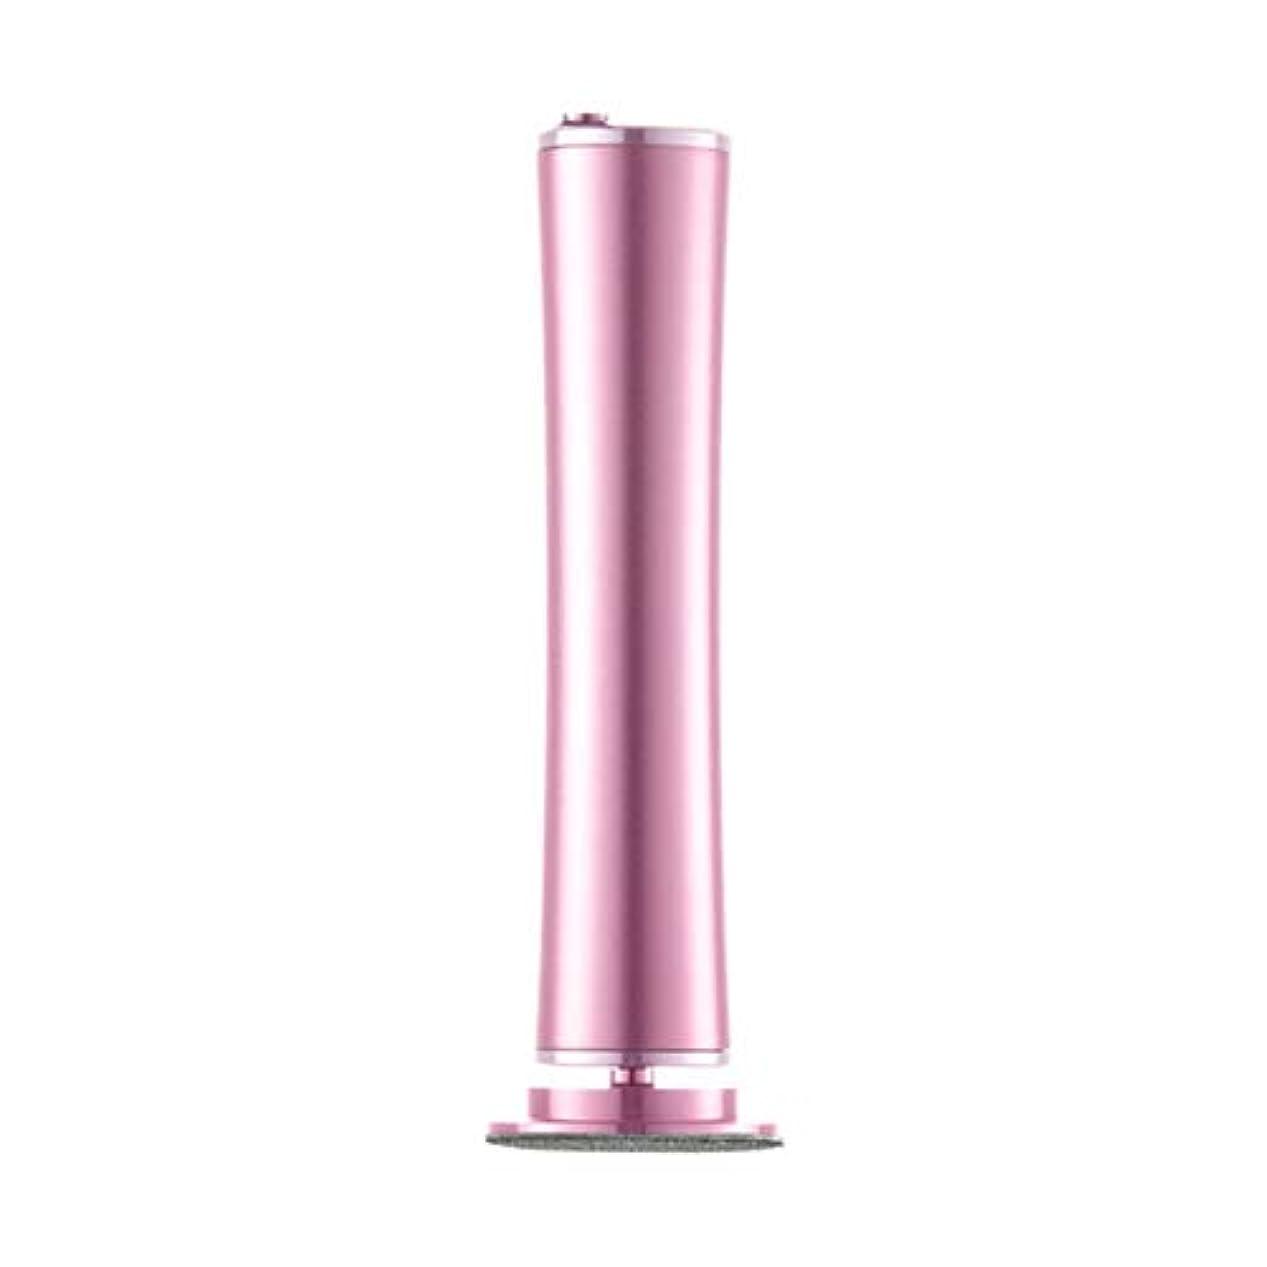 カトリック教徒代わって冗長自動的に剥離角質ペディキュアペディキュアツールセットを充電する足の美しさのアーティファクトUSB用電気ミル,Pink